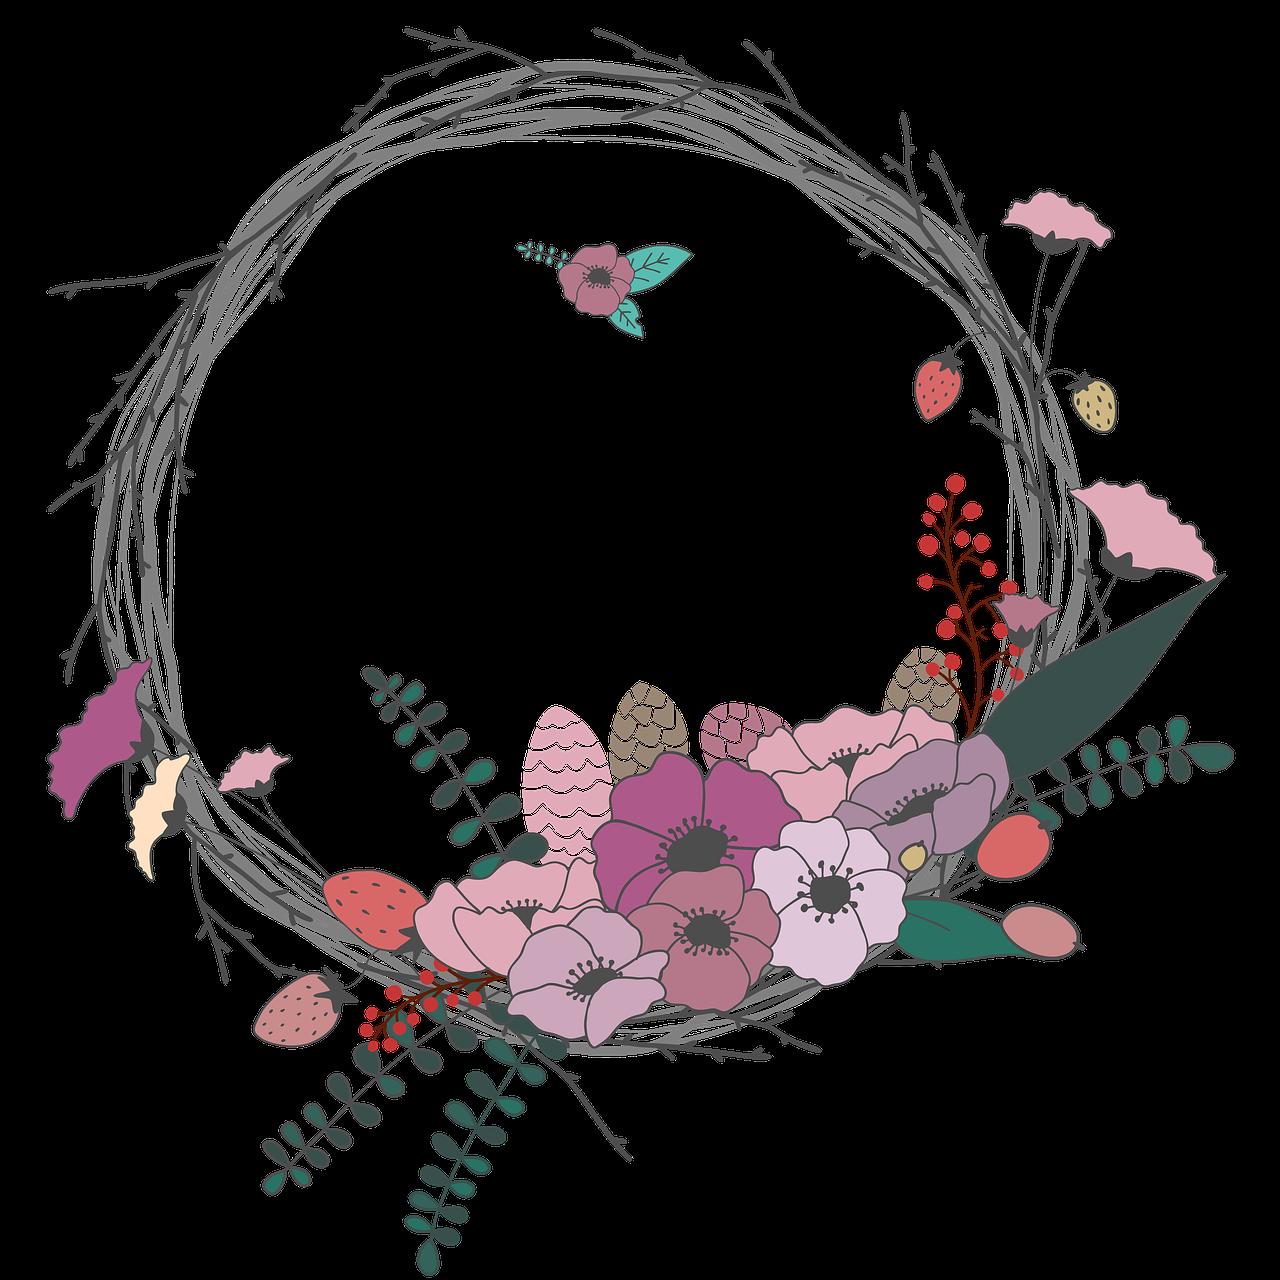 Spring flower wreath clipart image freeuse download Gratis obraz na Pixabay - Kwiaty, Gałązka, Korona, Wieniec | BULLET ... image freeuse download